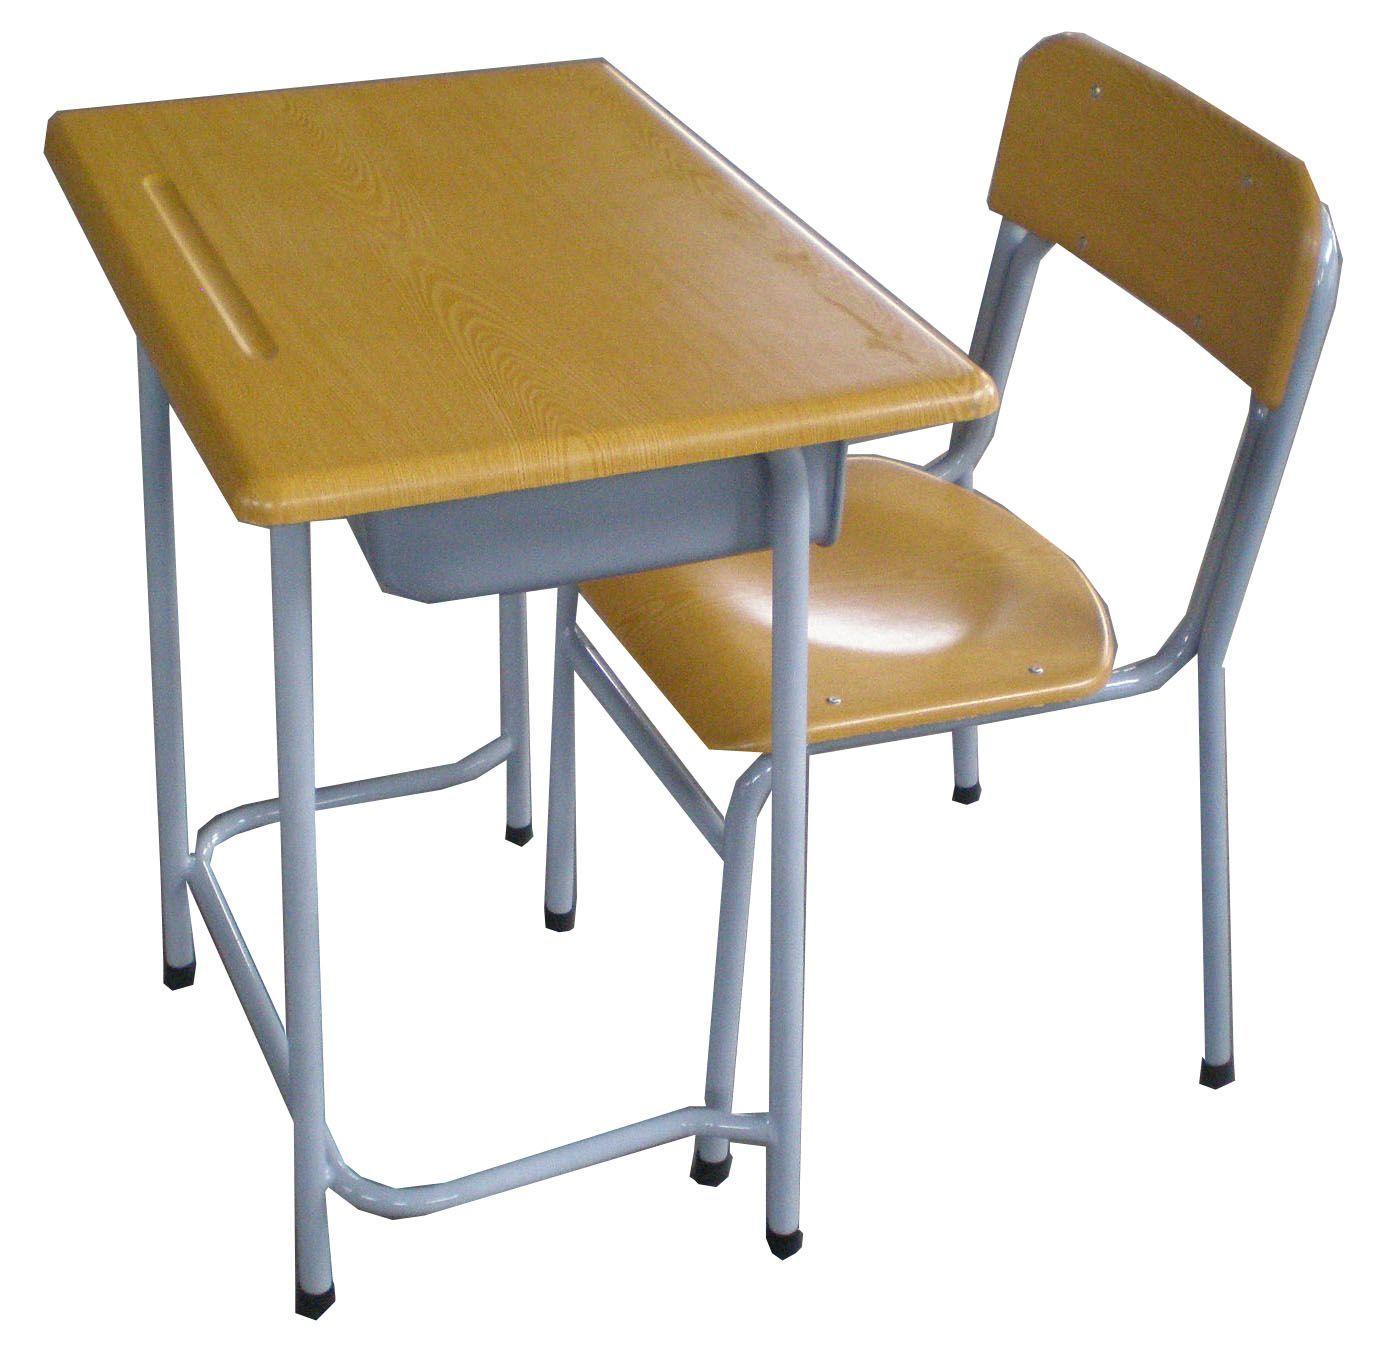 pin by luciver sanom on desk exclusive ideas pinterest school rh pinterest com school desk chair vintage school desk chair for sale